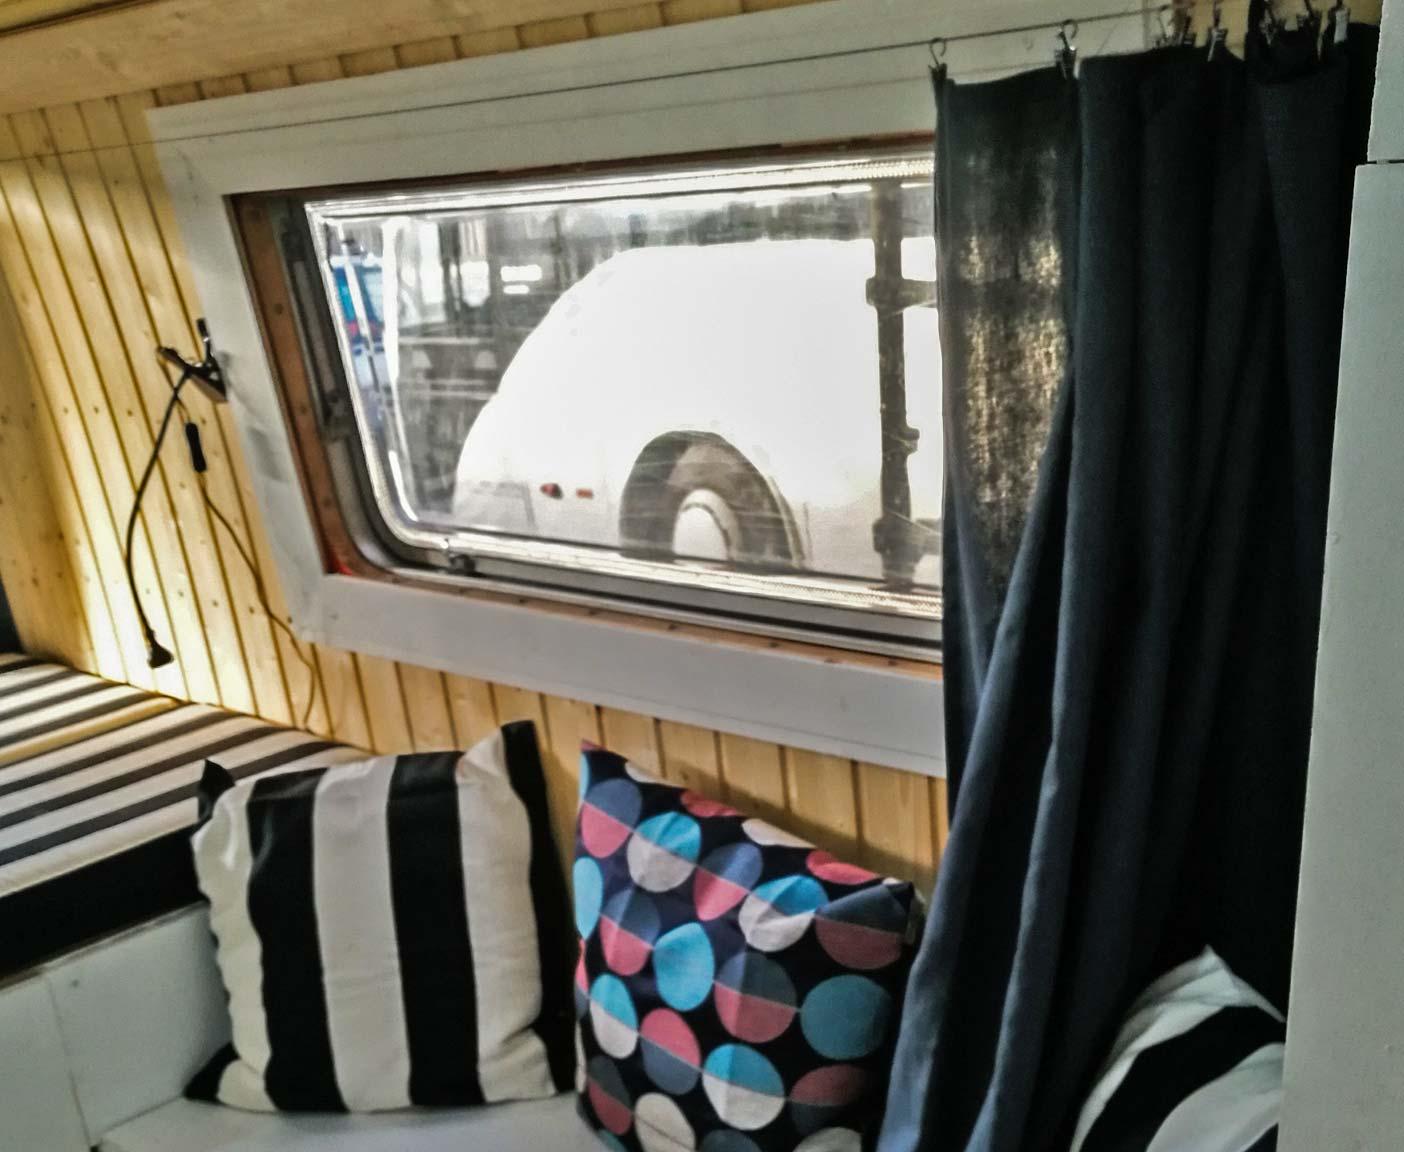 406-mercedes-duedo-wohnmobil-technische-daten-kaufen-benz-vanlife-4